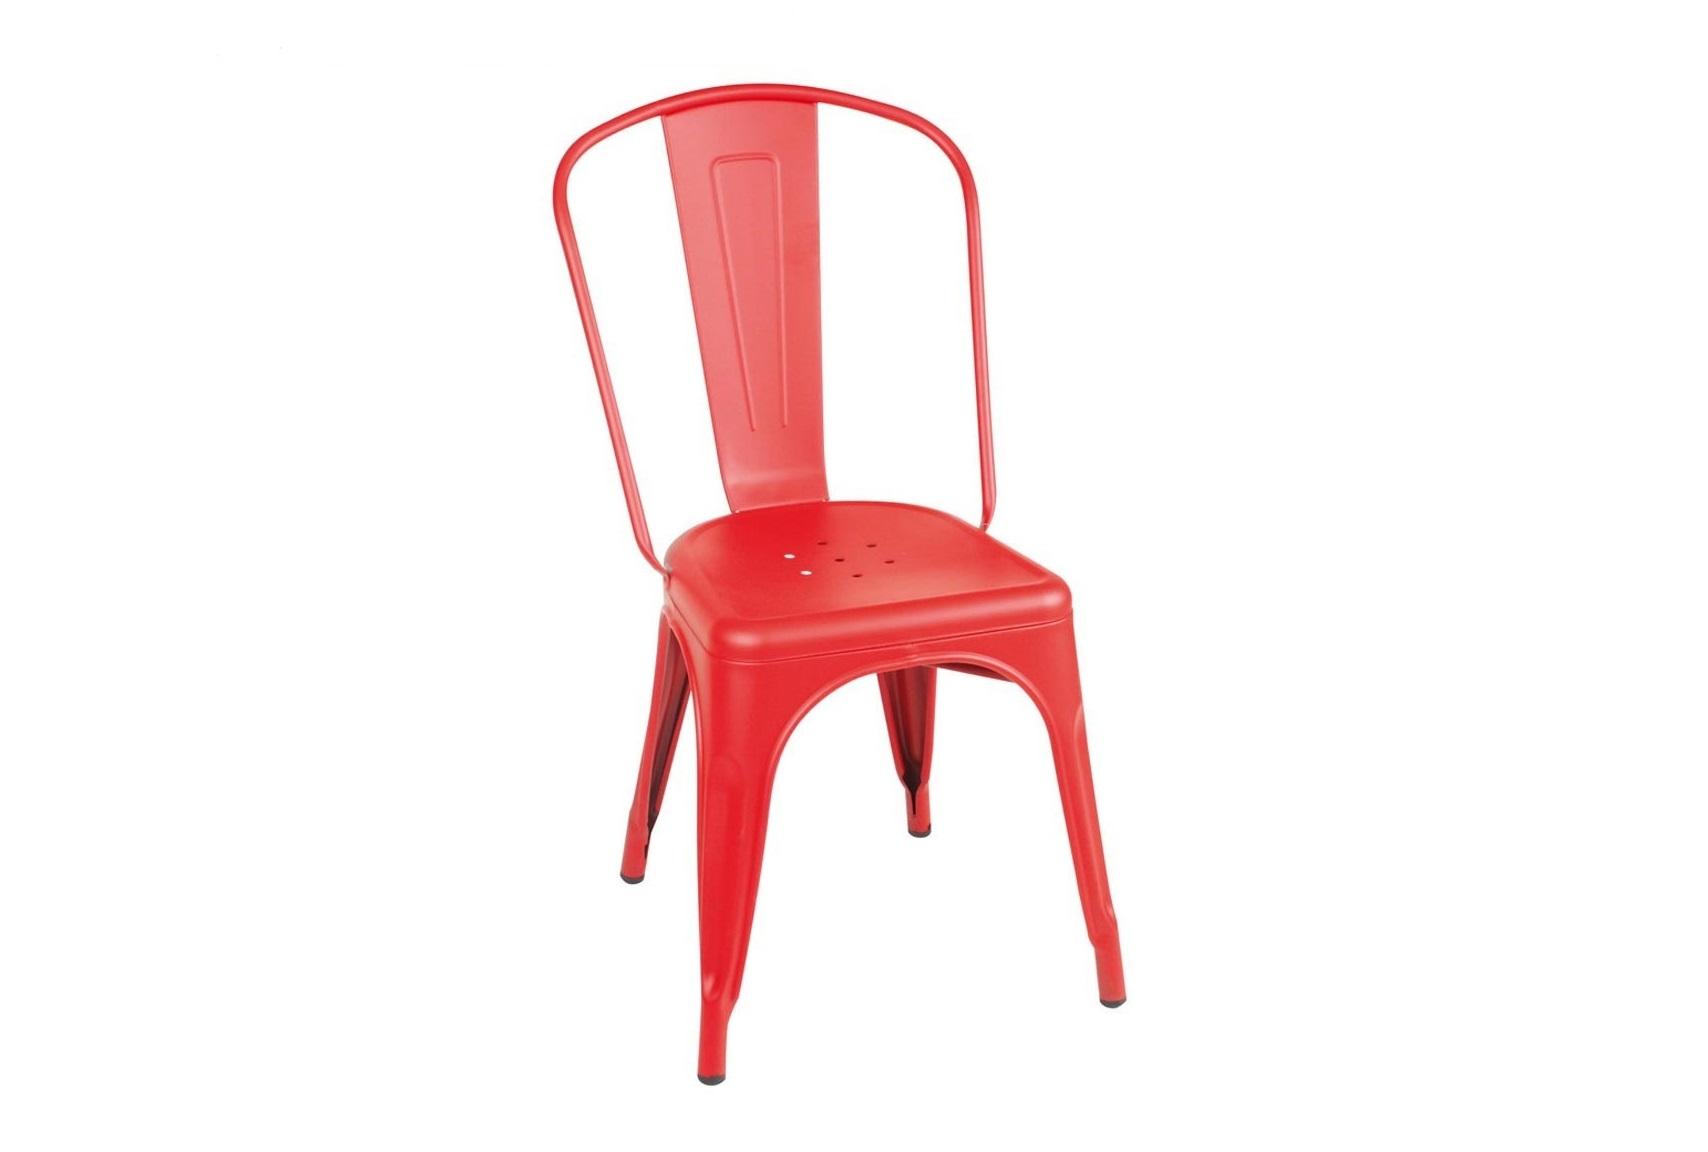 Стул San Antonio de PaduaОбеденные стулья<br><br><br>Material: Металл<br>Ширина см: 48<br>Высота см: 85<br>Глубина см: 45